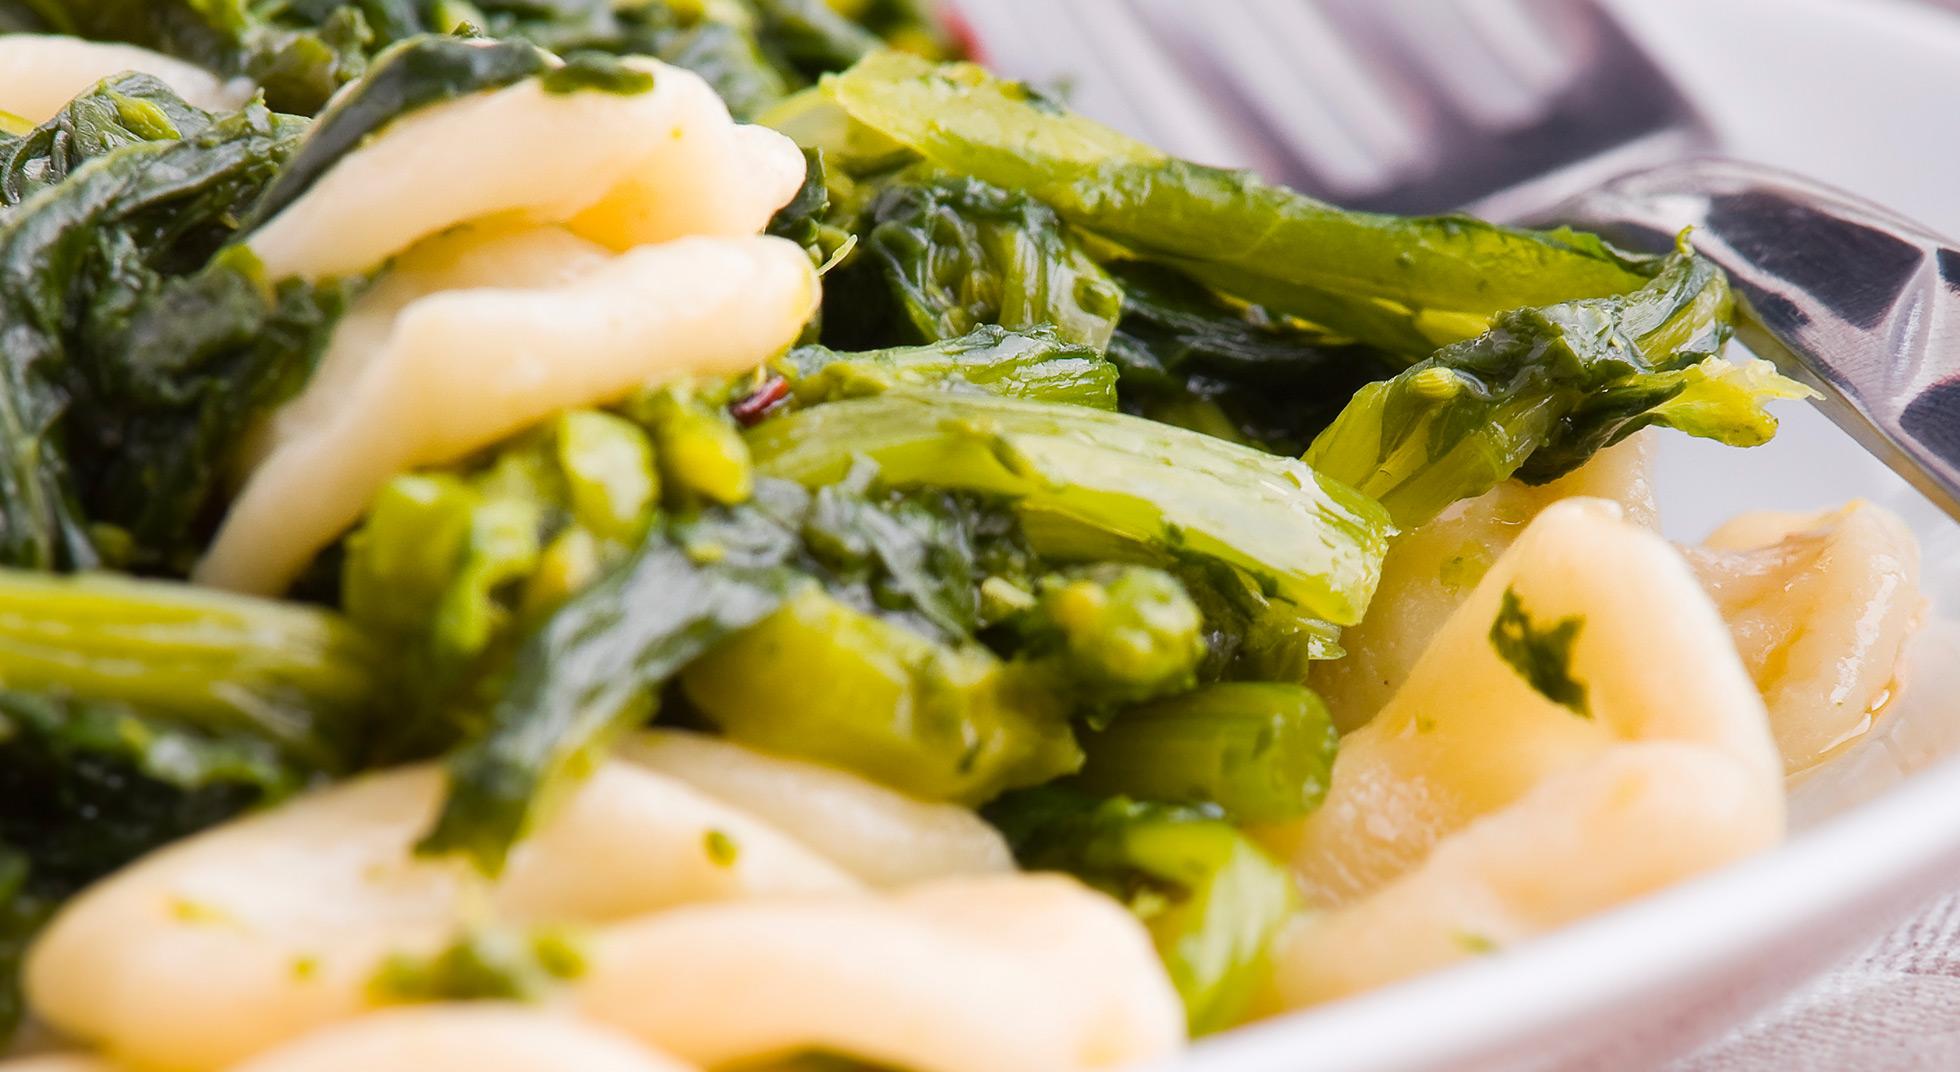 Primi piatti con verdure tante ricette originali aia food for Ricette originali